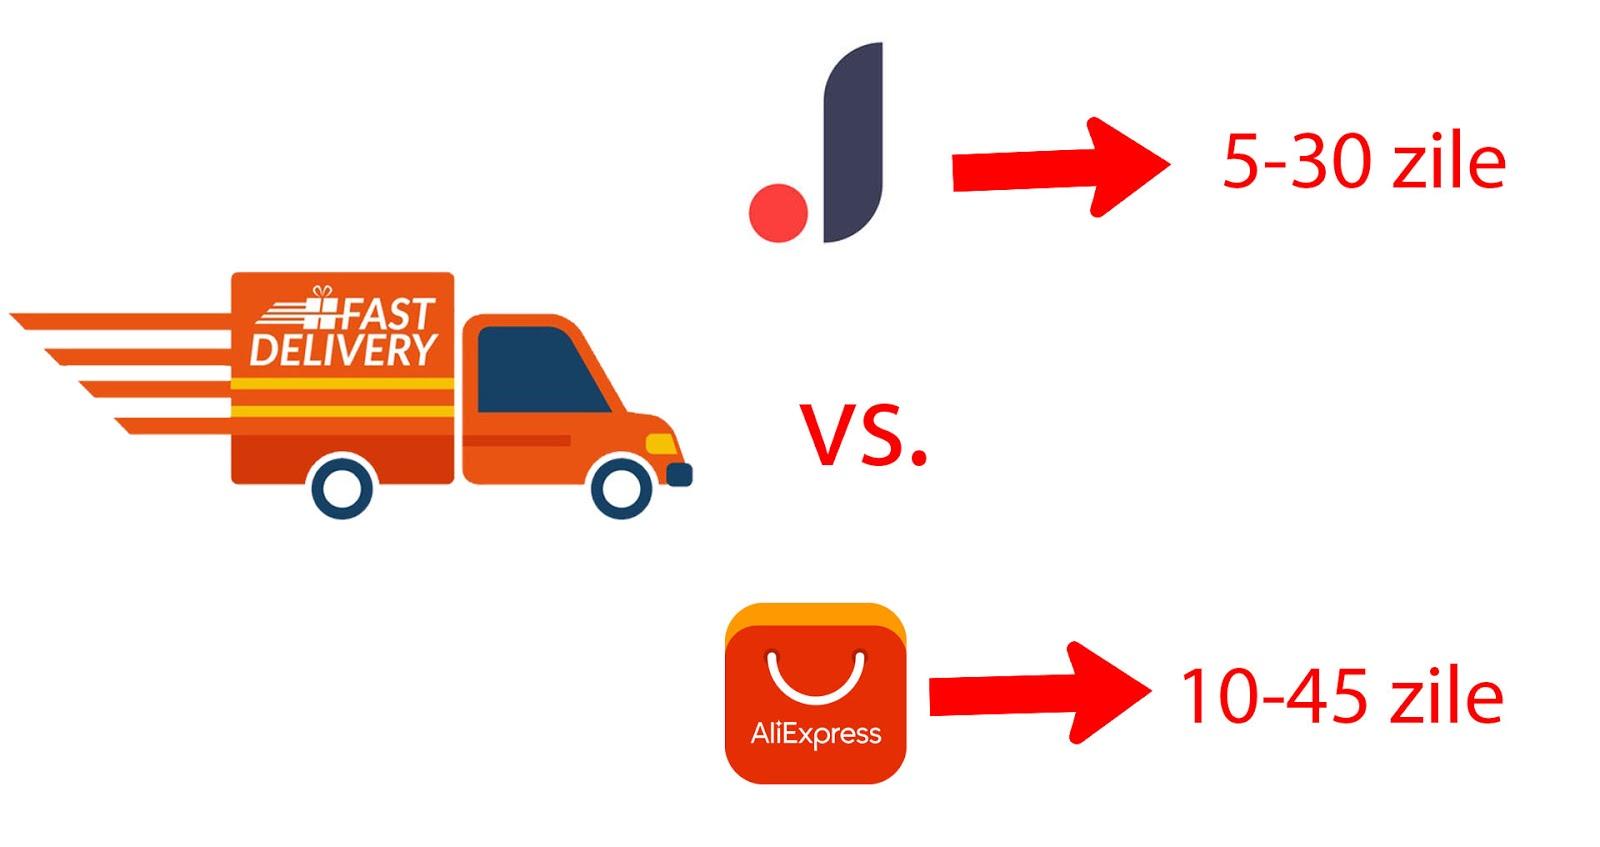 livrare de pe aliexpress și joom în Moldova. În cât ajunge comanda de pe joom și aliexpress. joom vs aliexpress. Joom recomandări